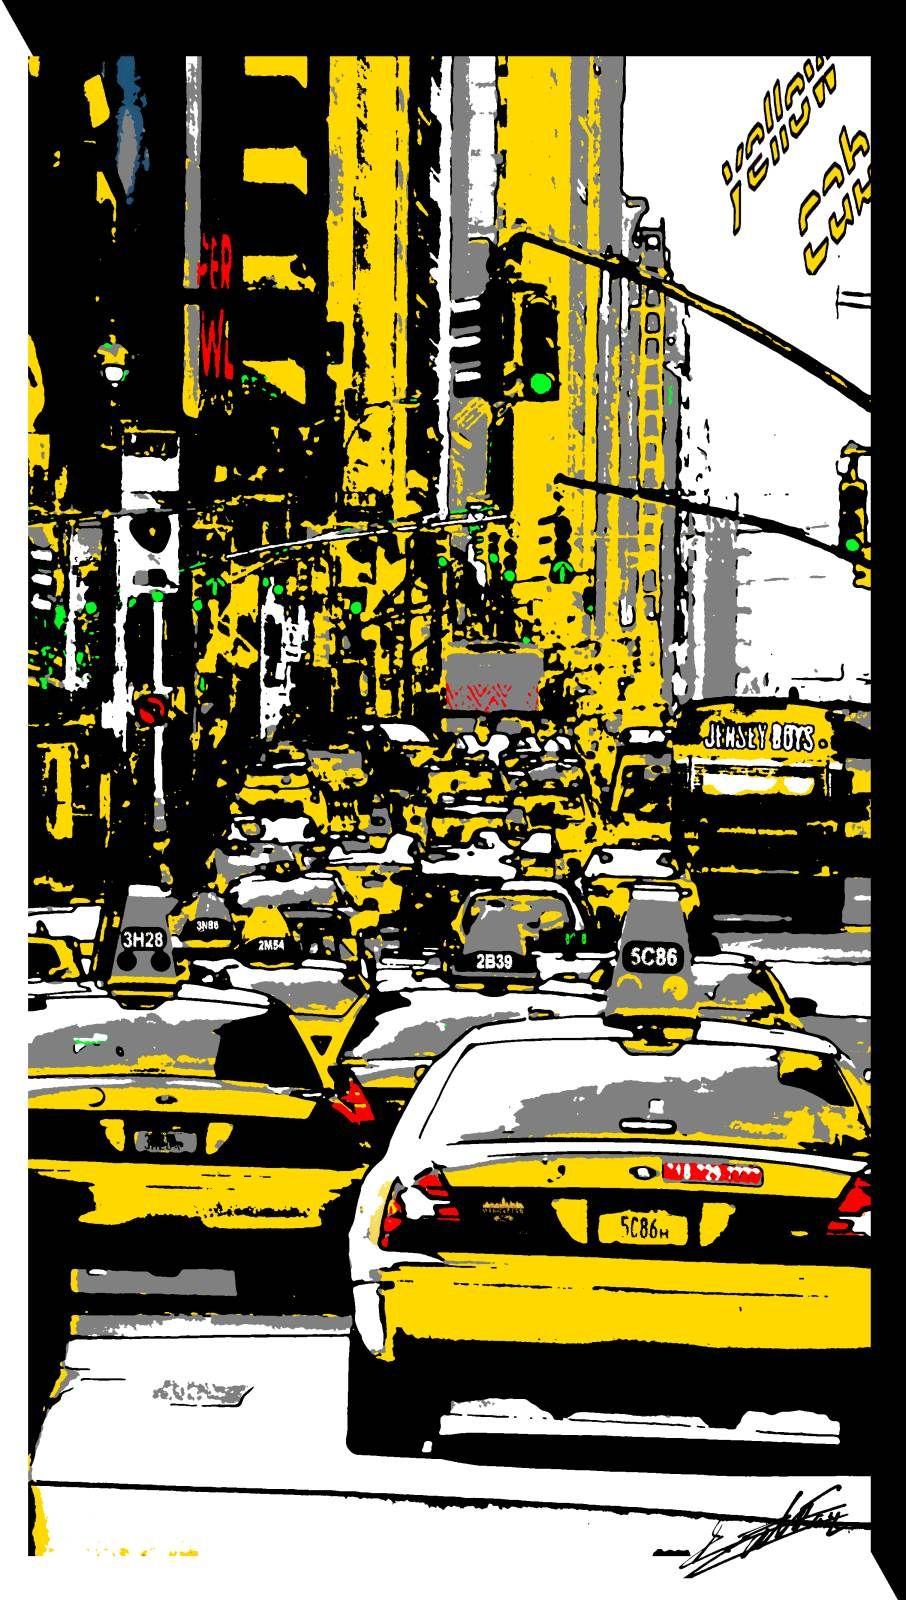 tableau peinture new york taxi jaune pop art noir blanc acrylique embouteillage feux. Black Bedroom Furniture Sets. Home Design Ideas